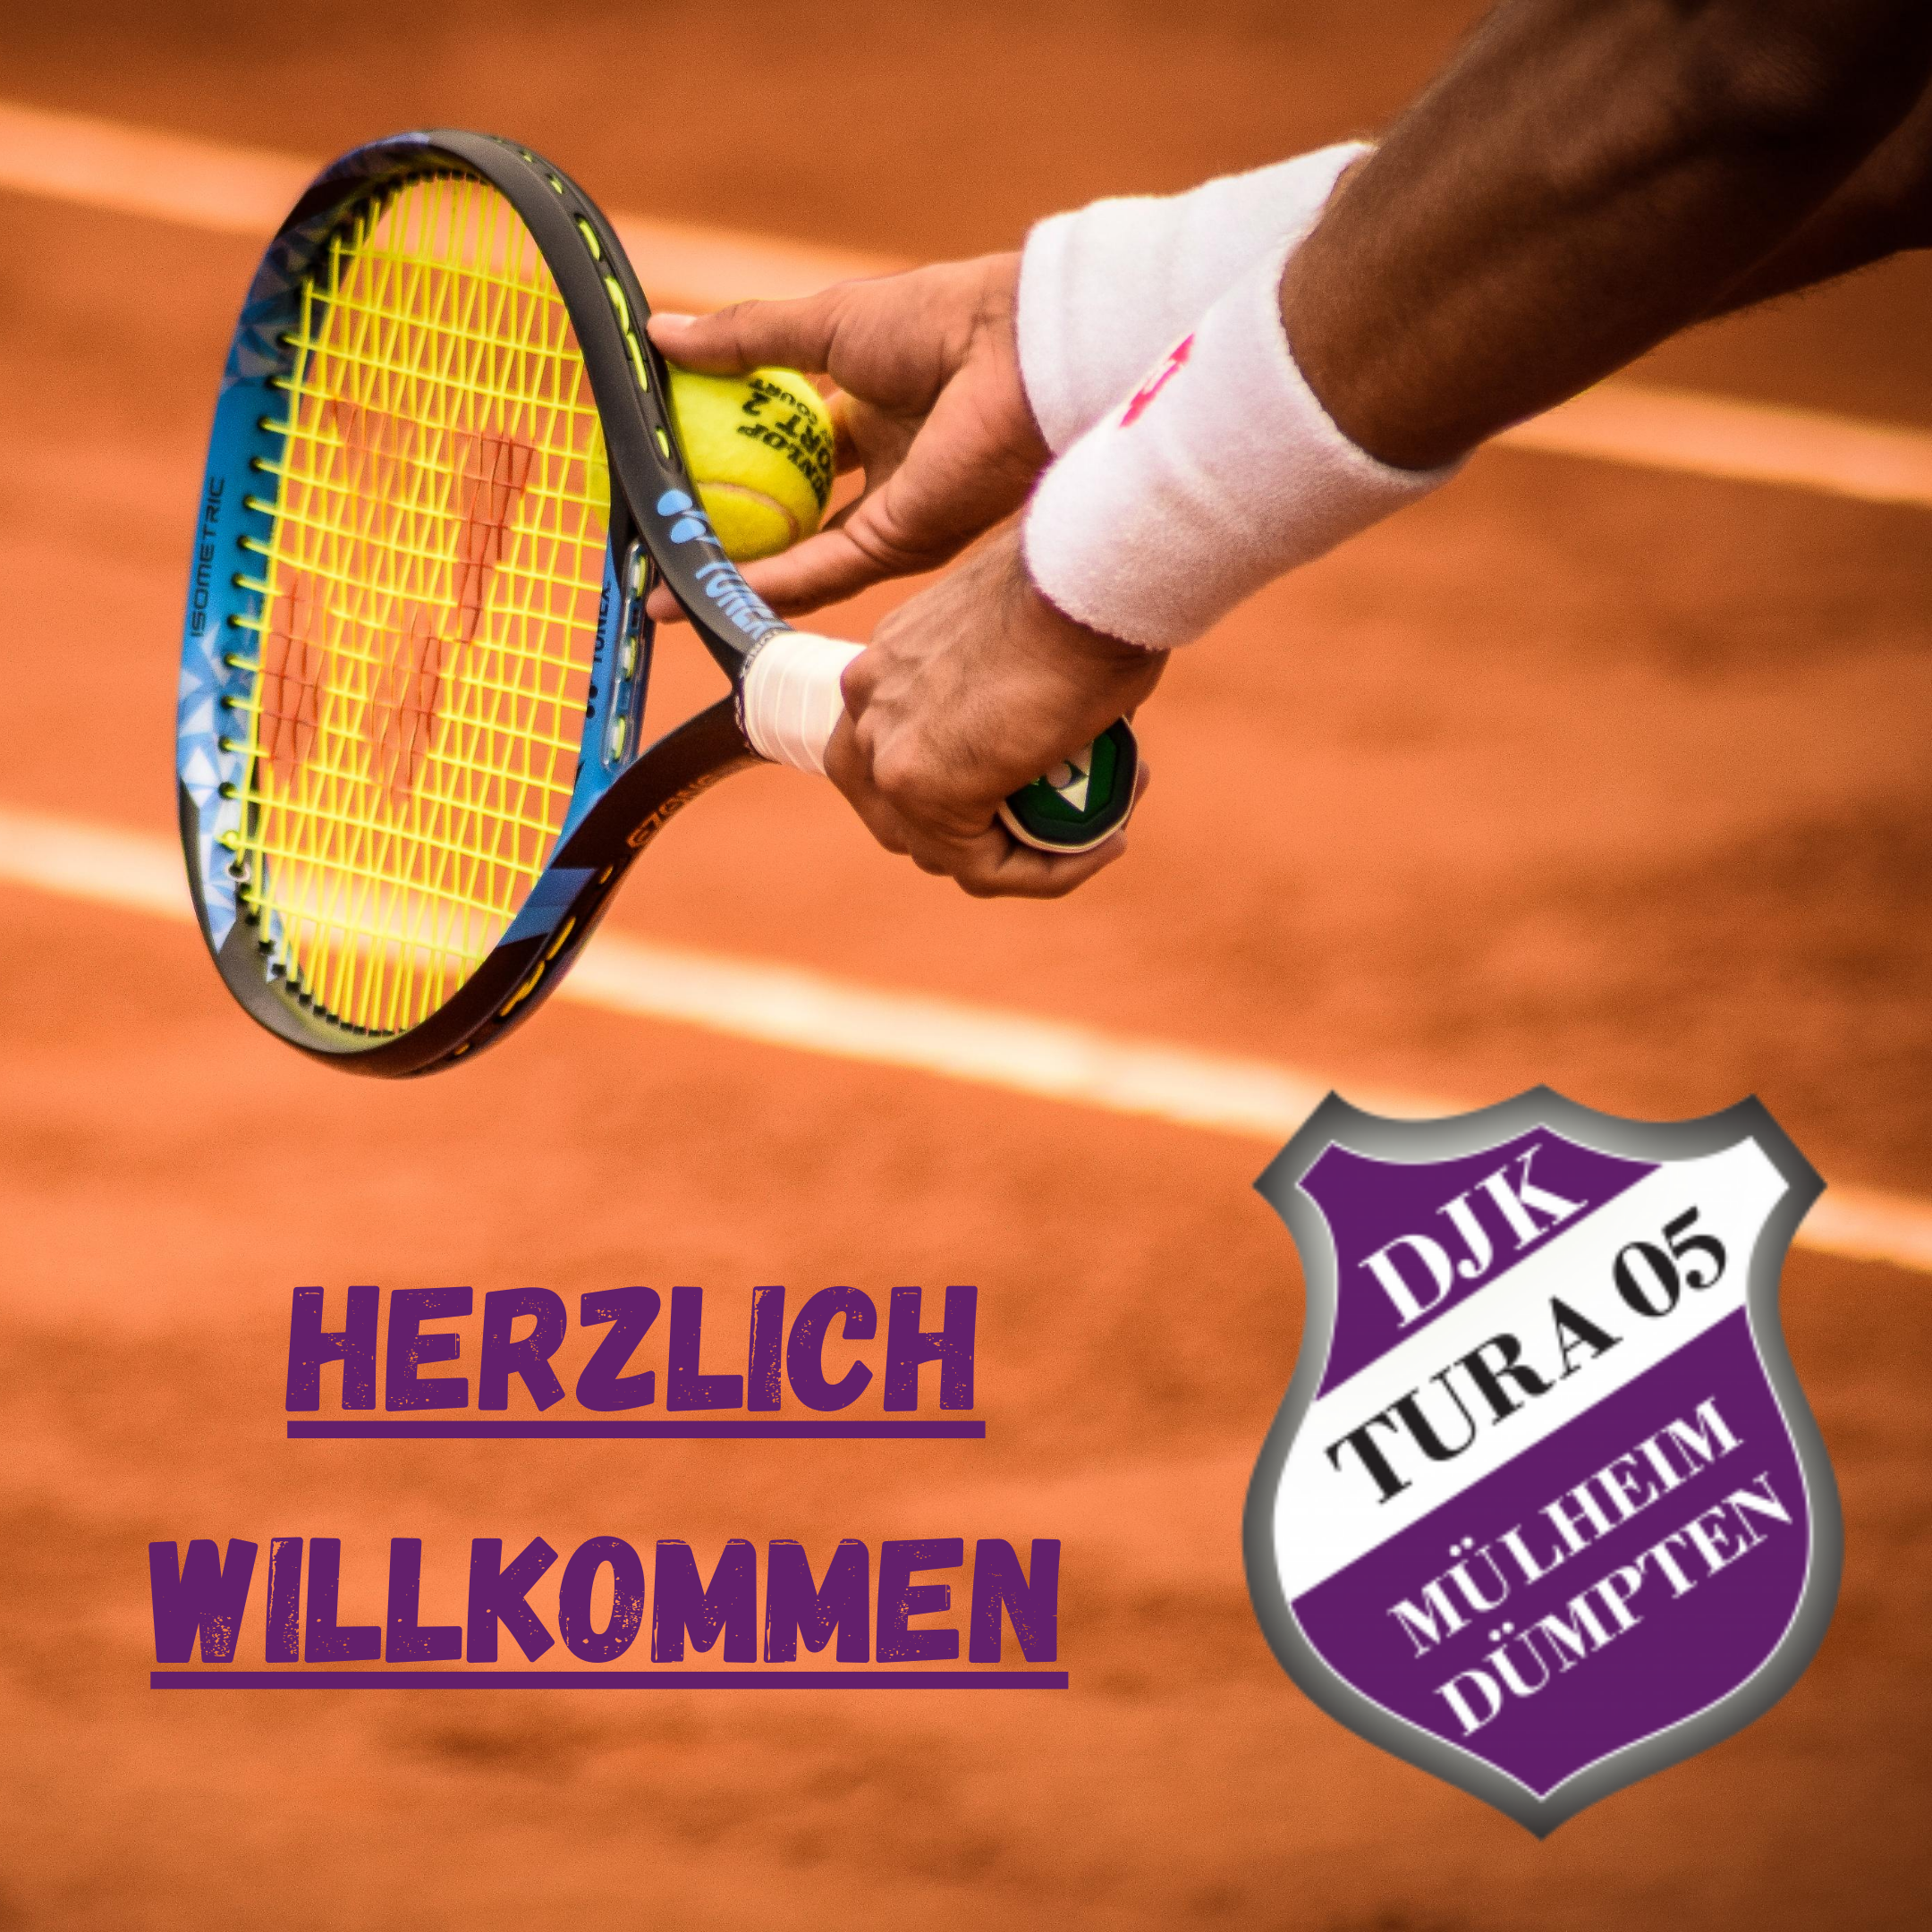 Tennis Abteilung erweitert Online Präsenz